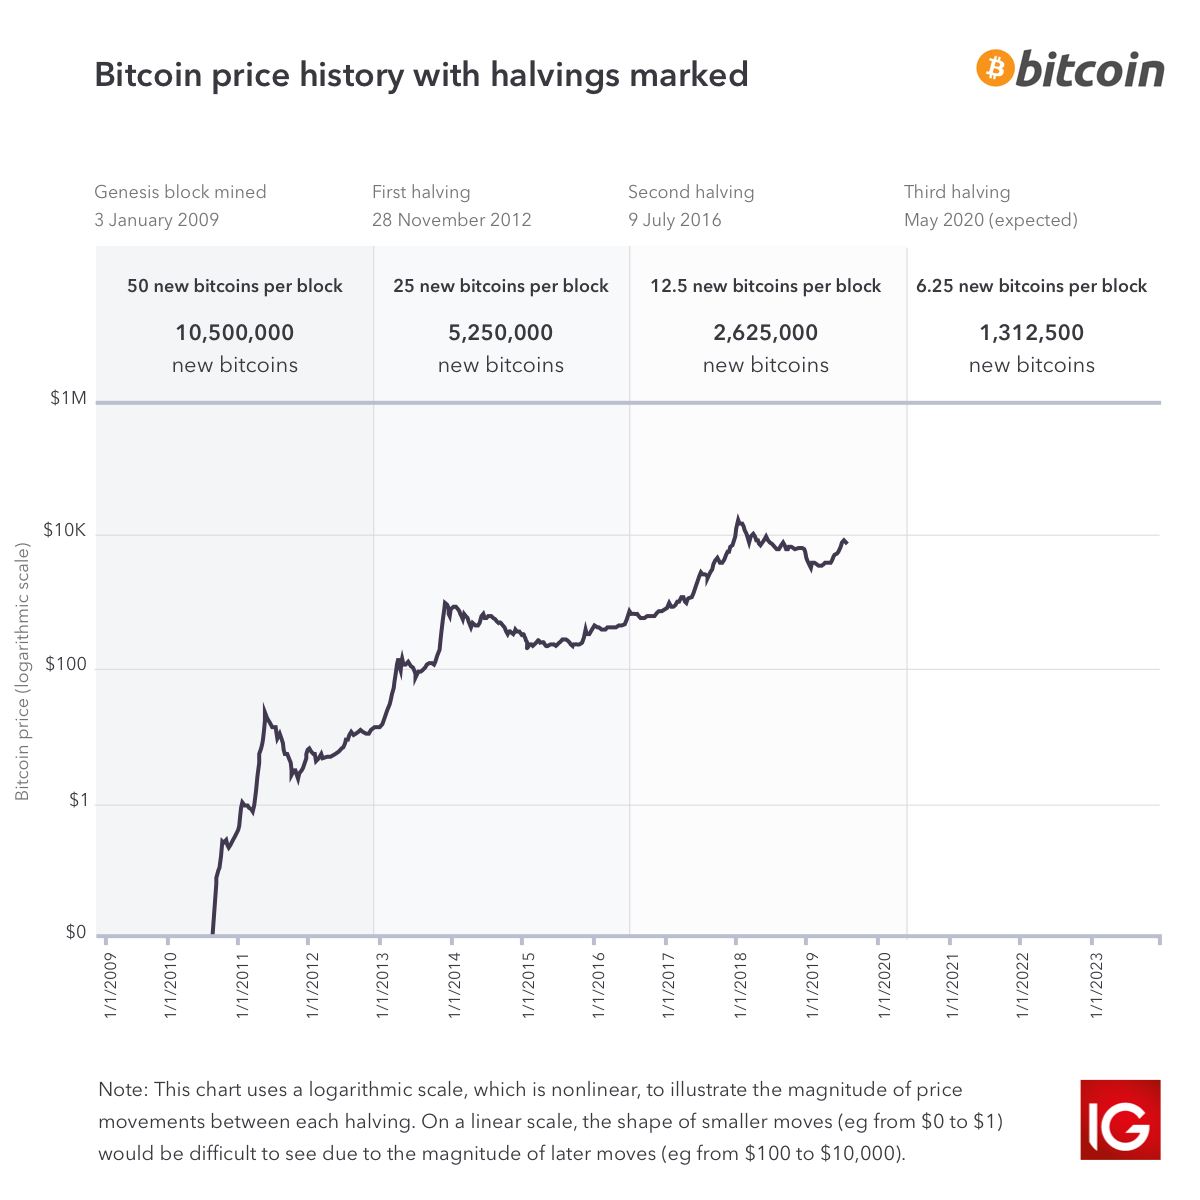 bitkoinai kas tai oc akcijų pasirinkimo sandoriai